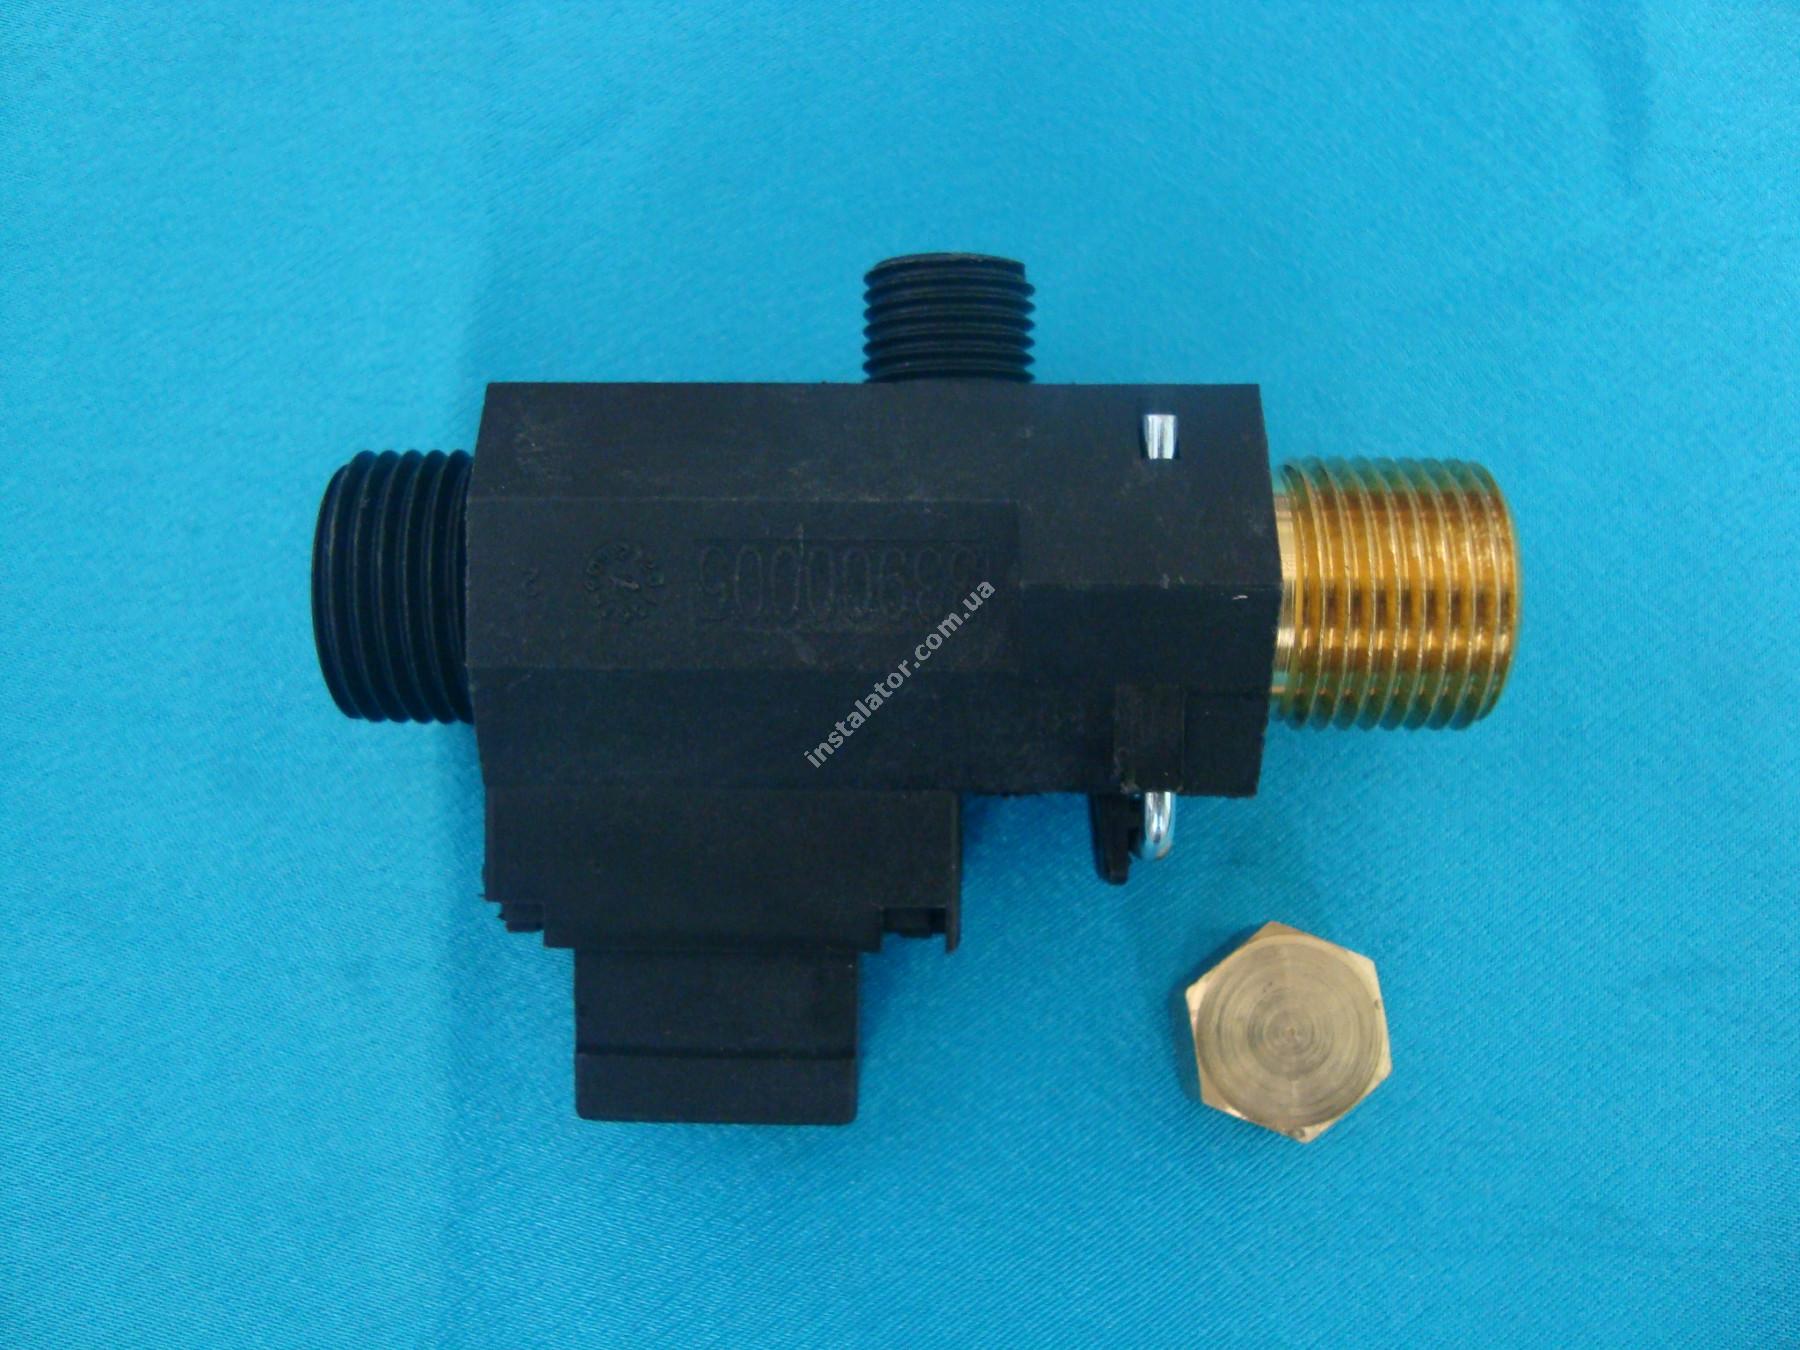 5663770 Реле (датчик) протока BAXI MAIN з підпиткою та заглушкою Bitron full-image-0